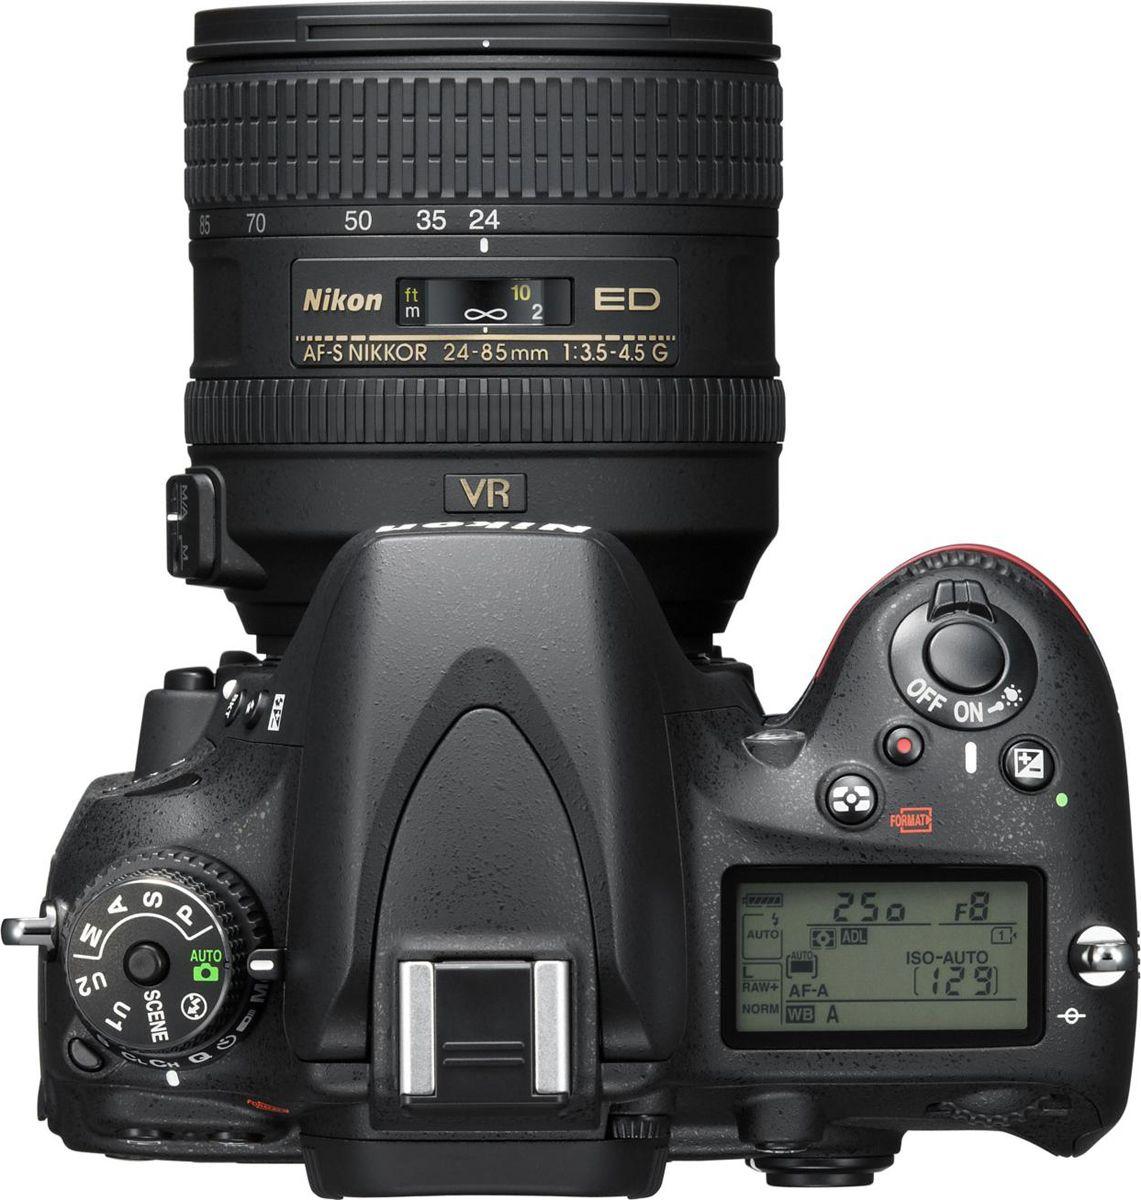 Nikon D600 | Cámaras | Pinterest | Nikon, Camara nikon y Cámaras